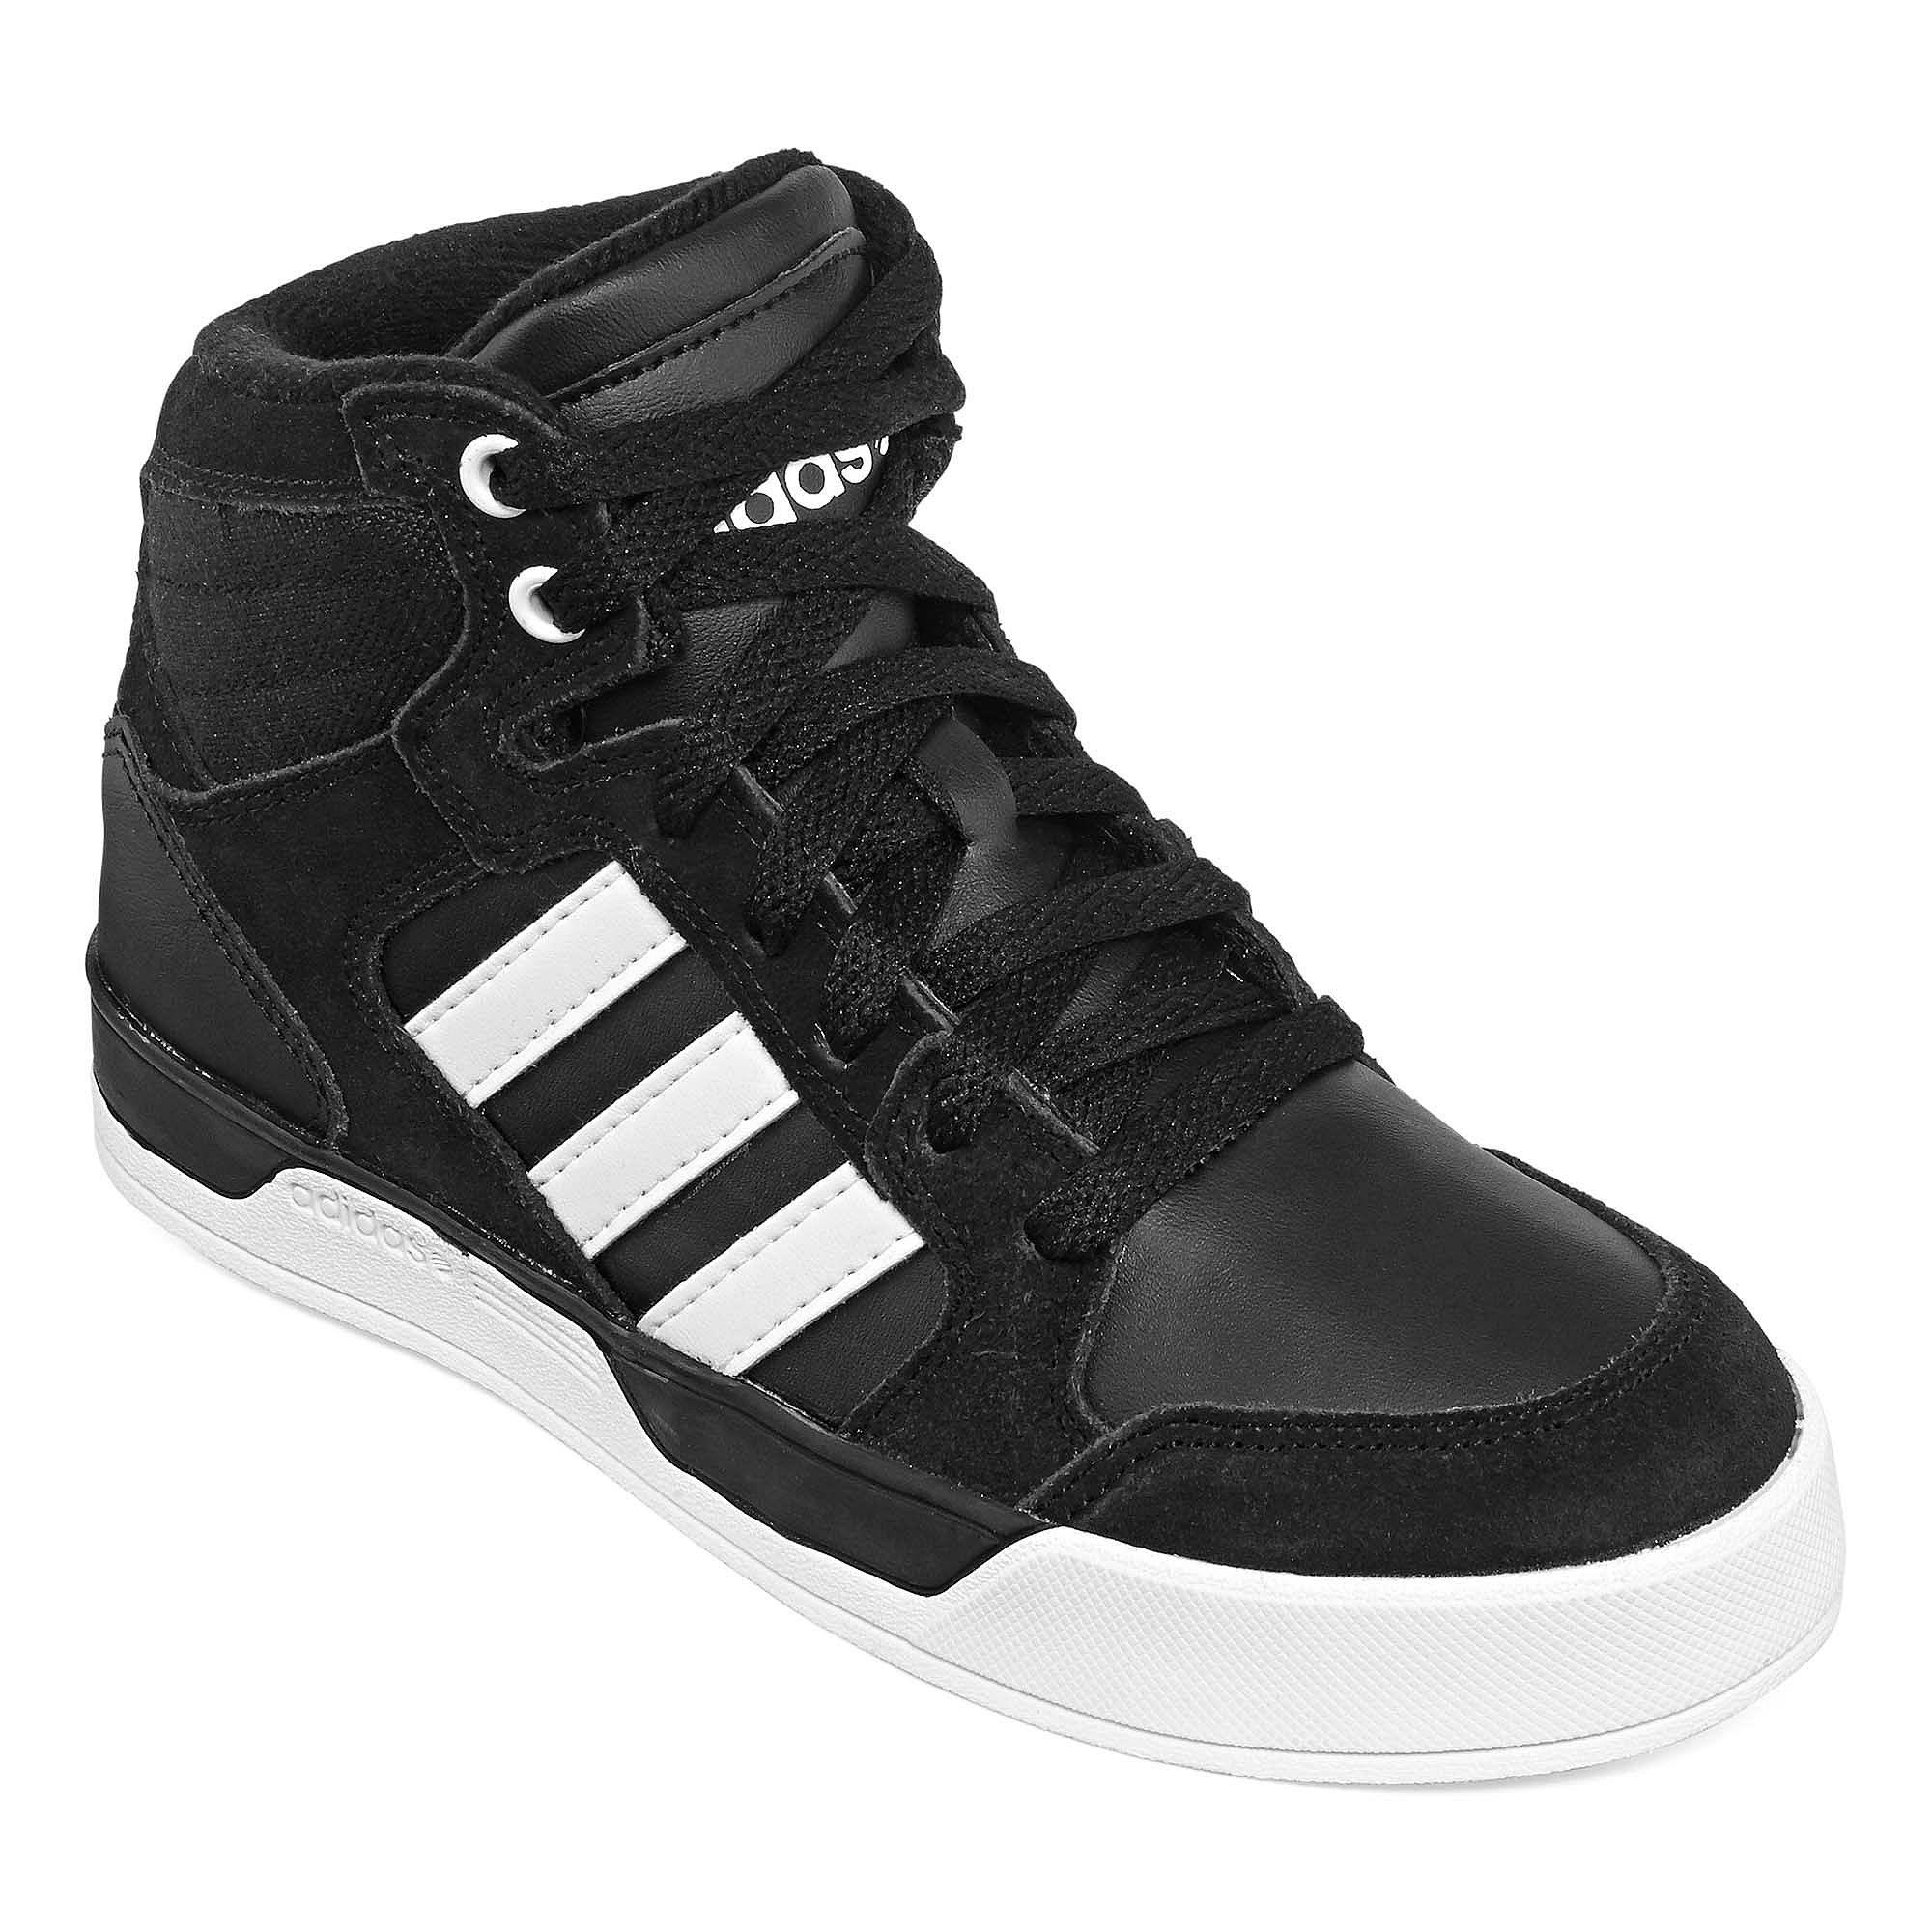 adidas Raleigh Boys Basketball Shoes - Big Kids